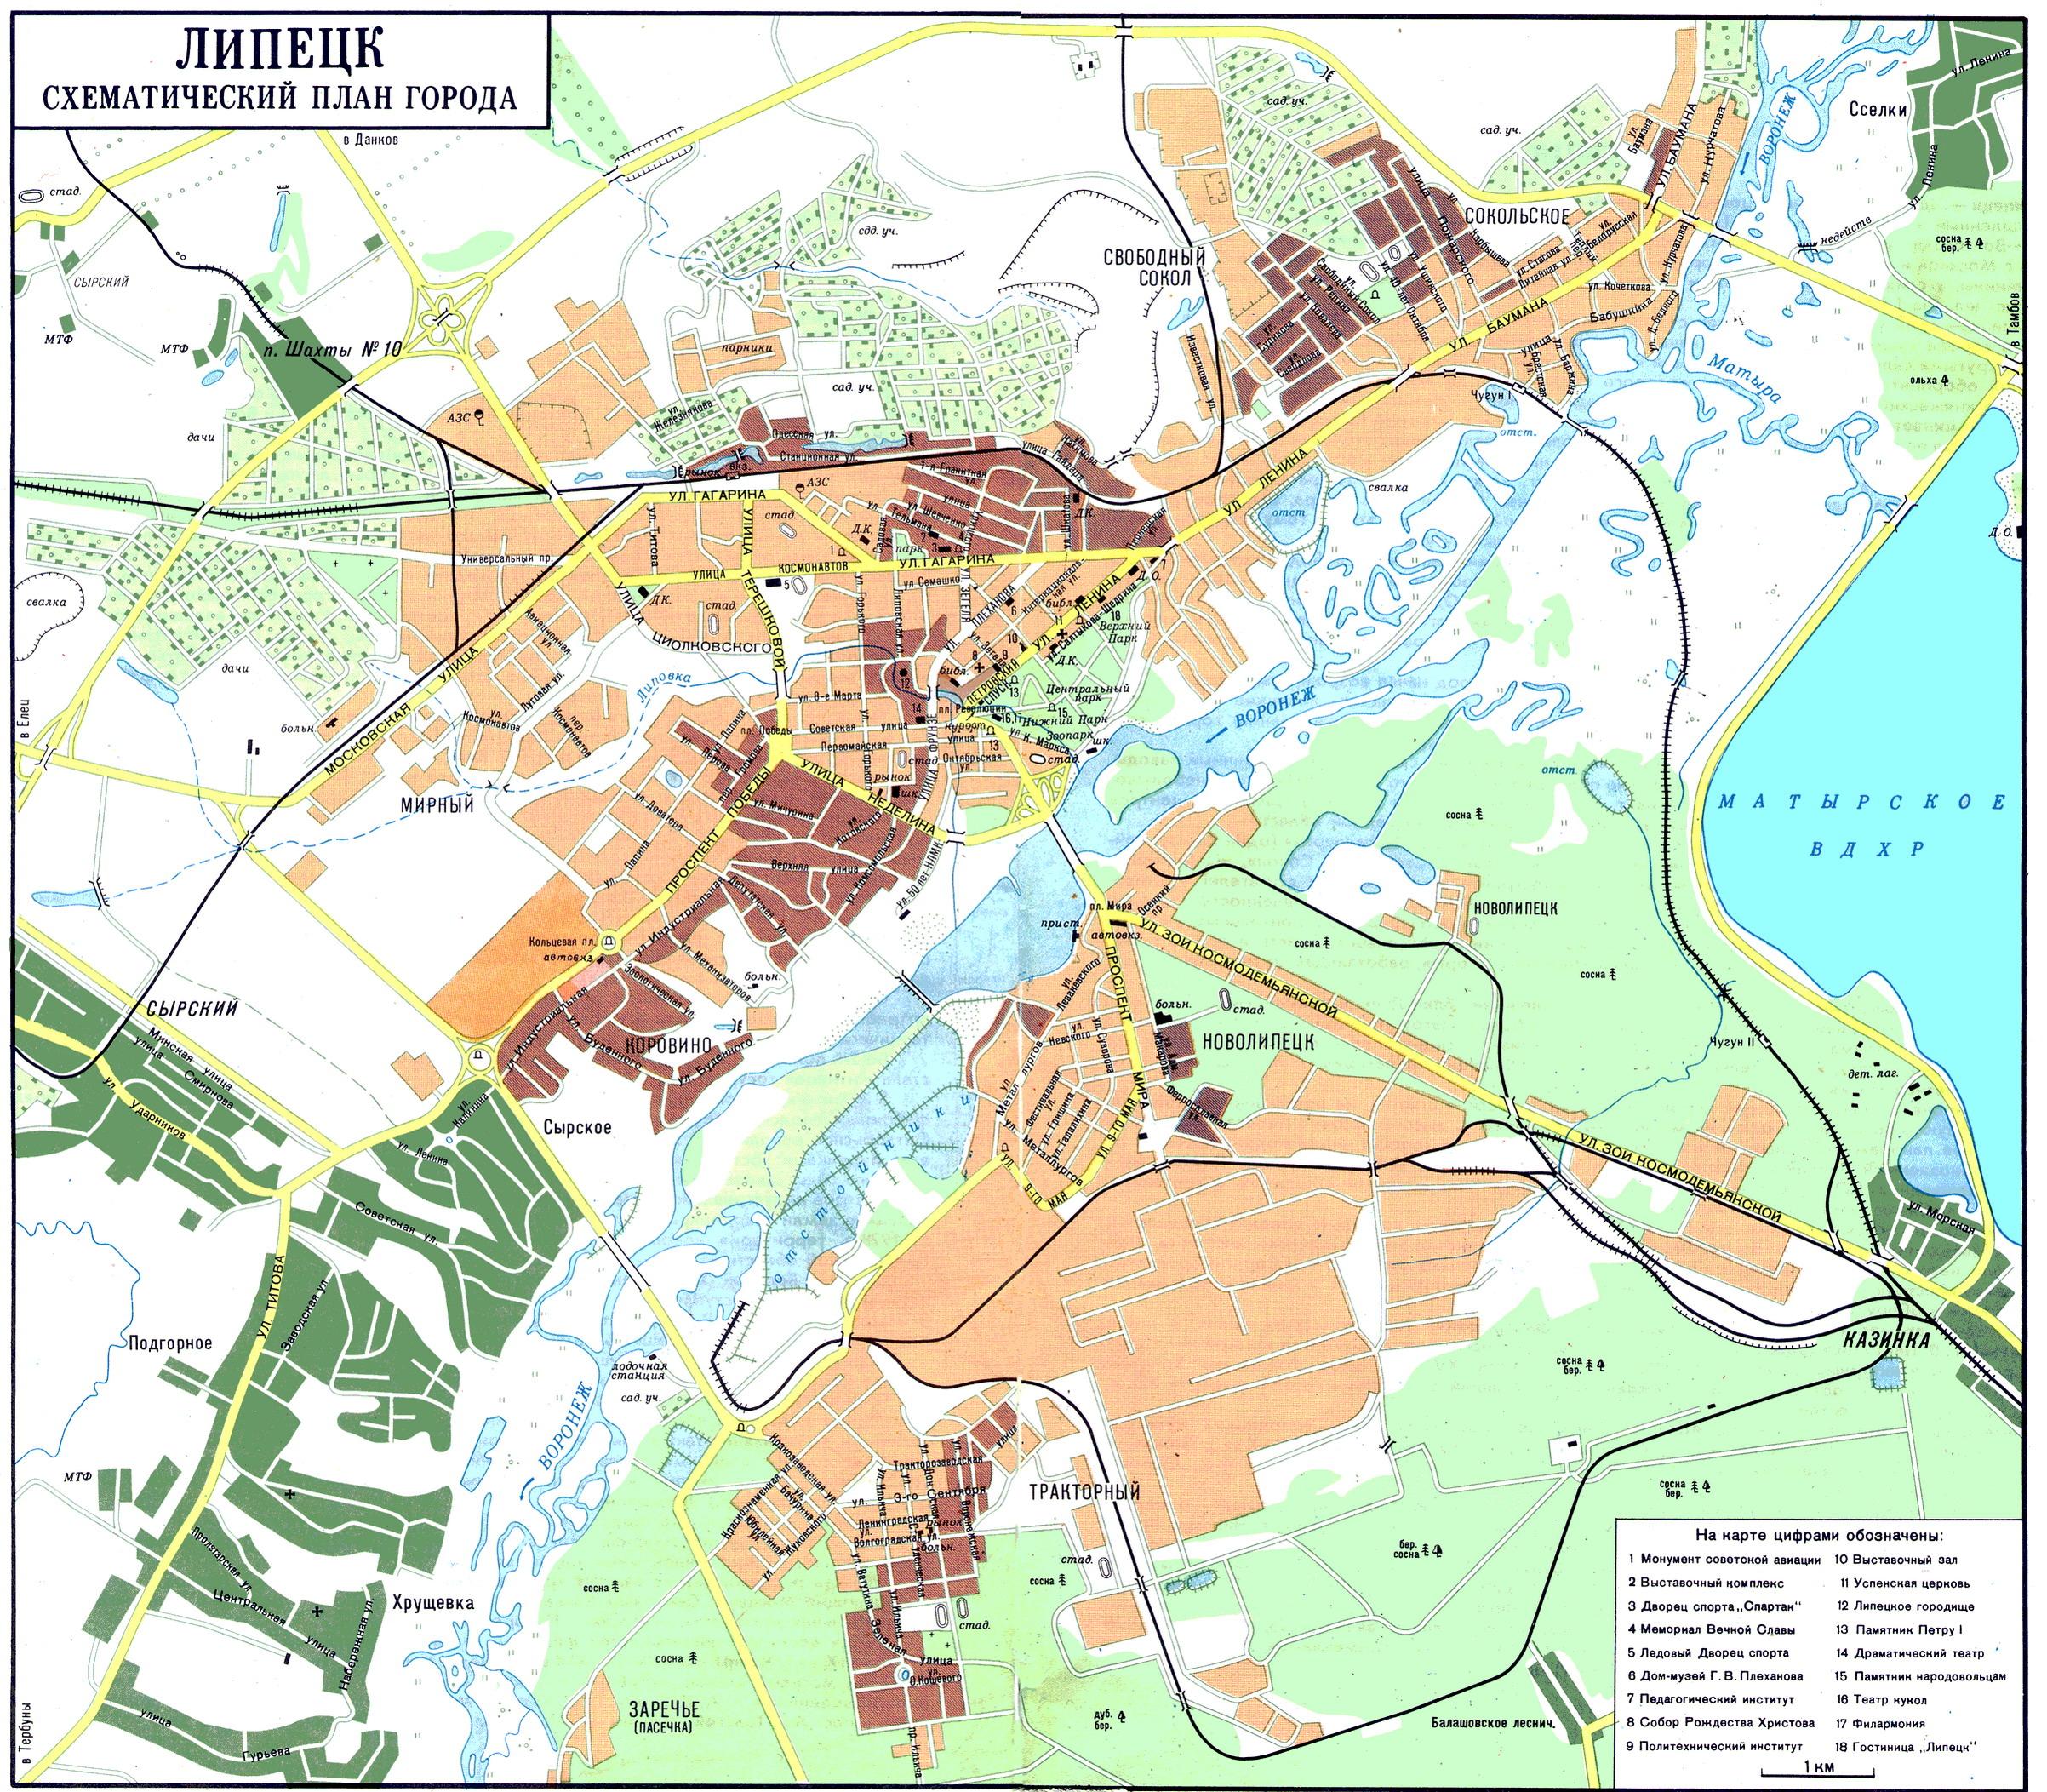 Итим карта липецк смотреть онлайн фотоография